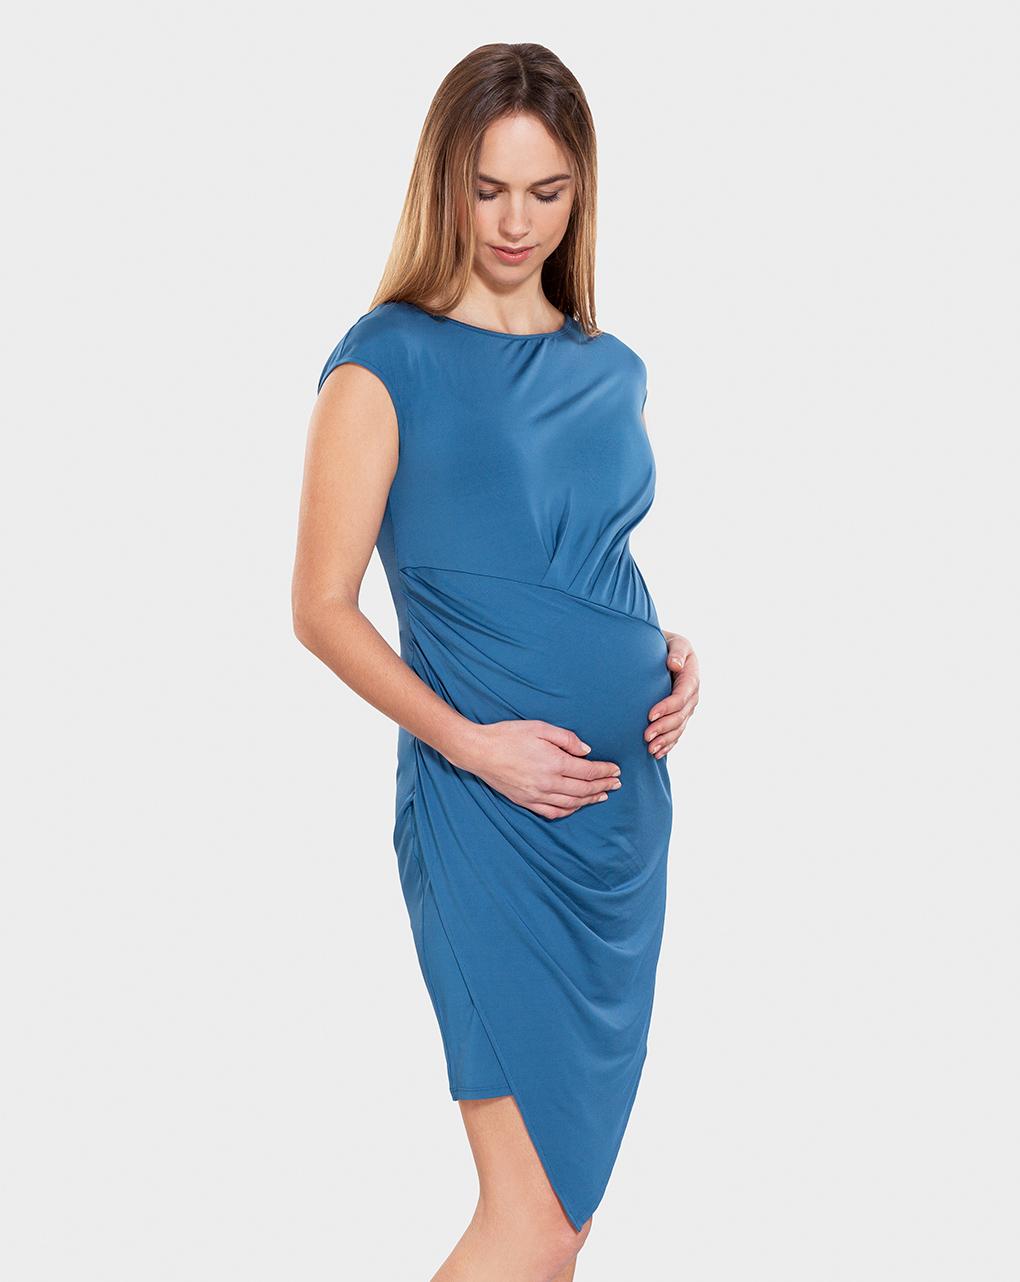 Γυναικείο Αμάνικο Στενό Φόρεμα